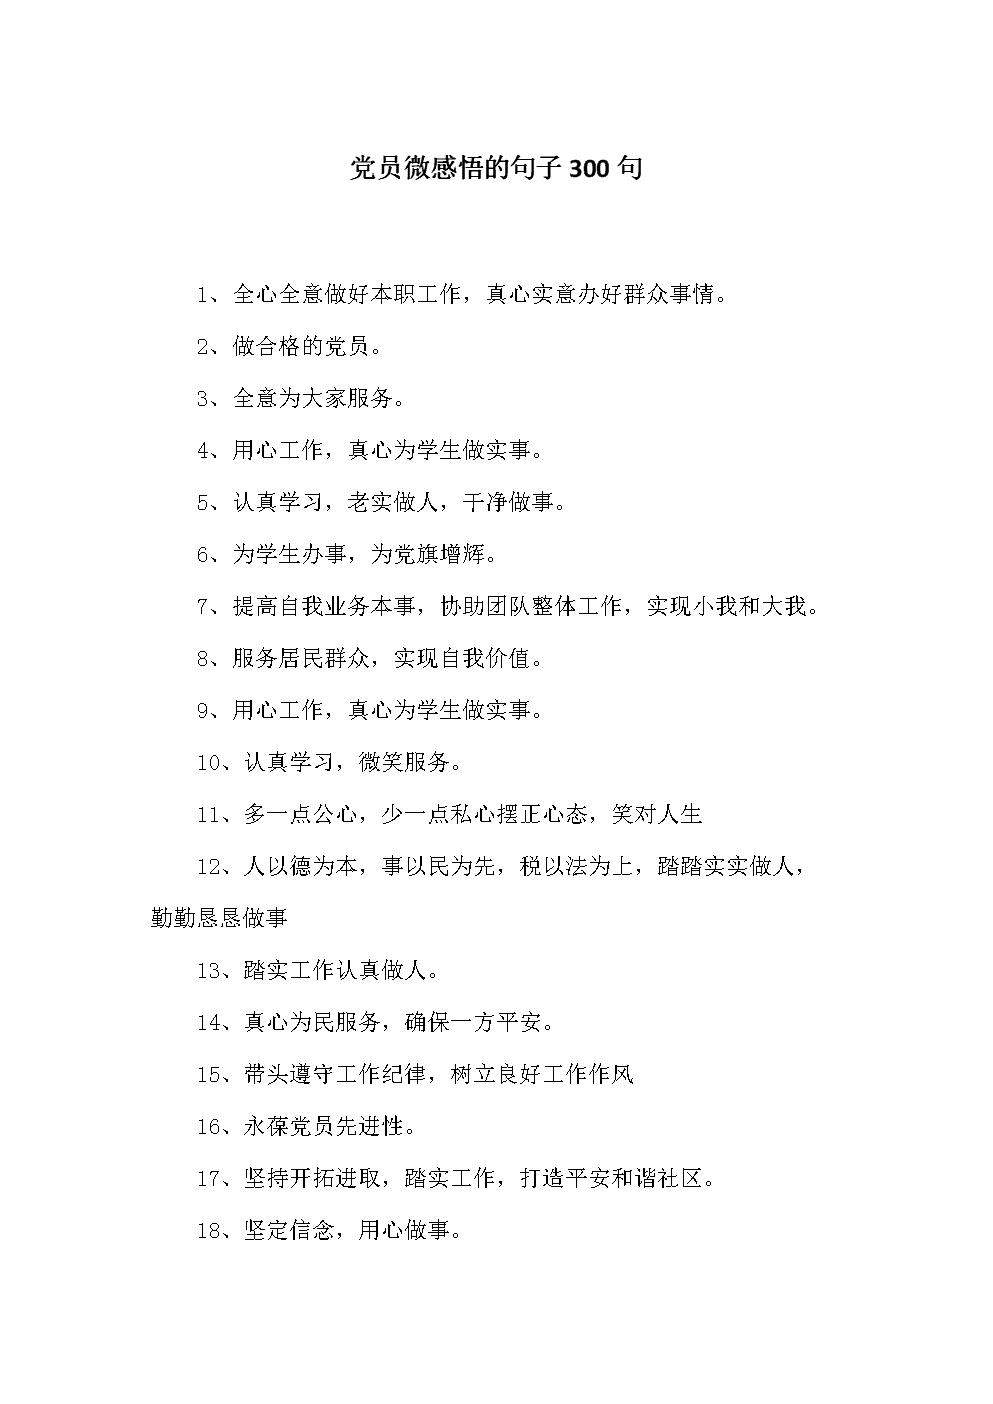 党员微感悟的句子300句.docx